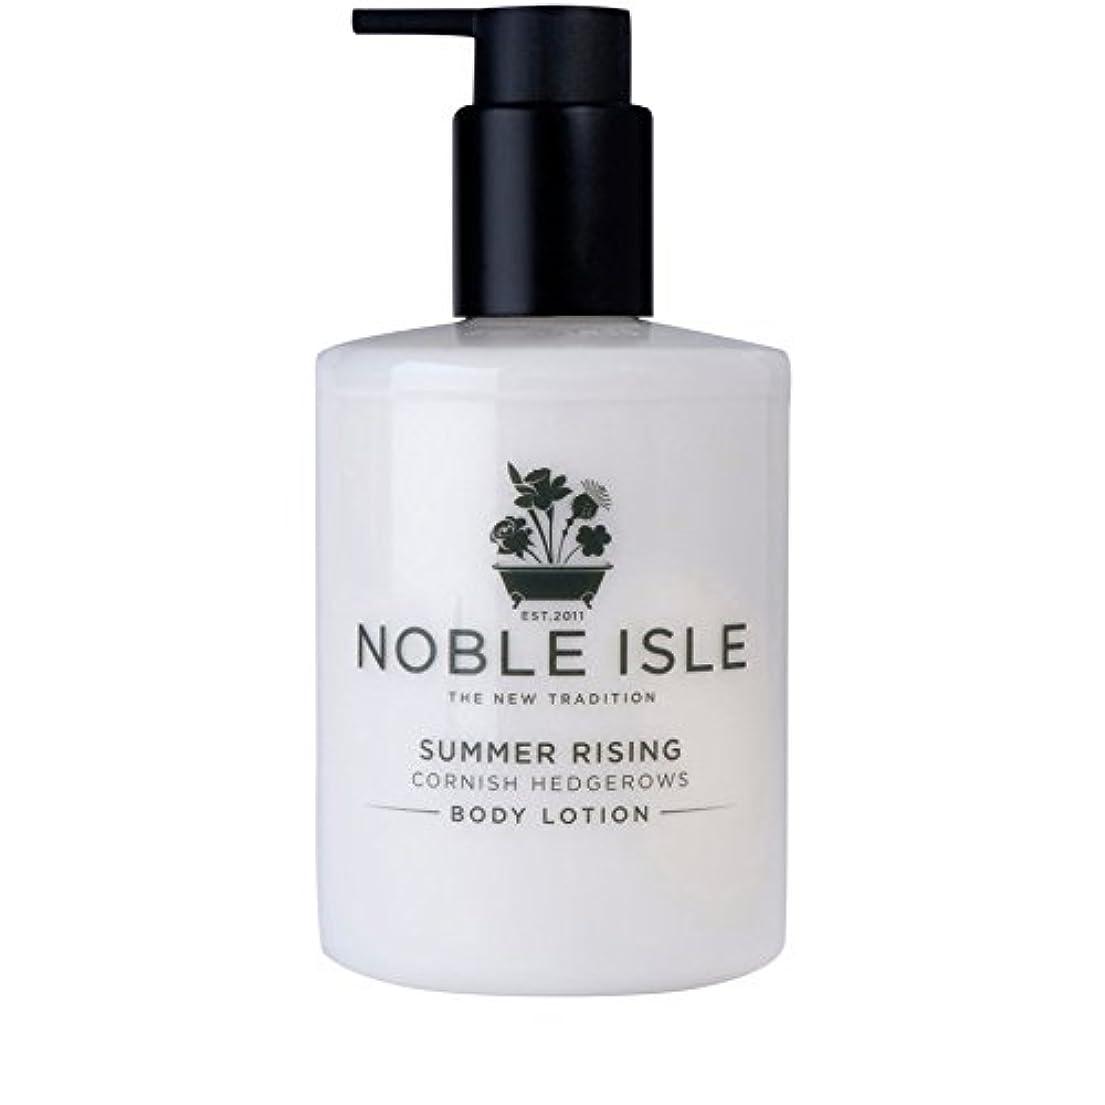 家主滅びる割り込みコーニッシュ生け垣ボディローション250ミリリットルを上昇高貴な島の夏 x4 - Noble Isle Summer Rising Cornish Hedgerows Body Lotion 250ml (Pack of...